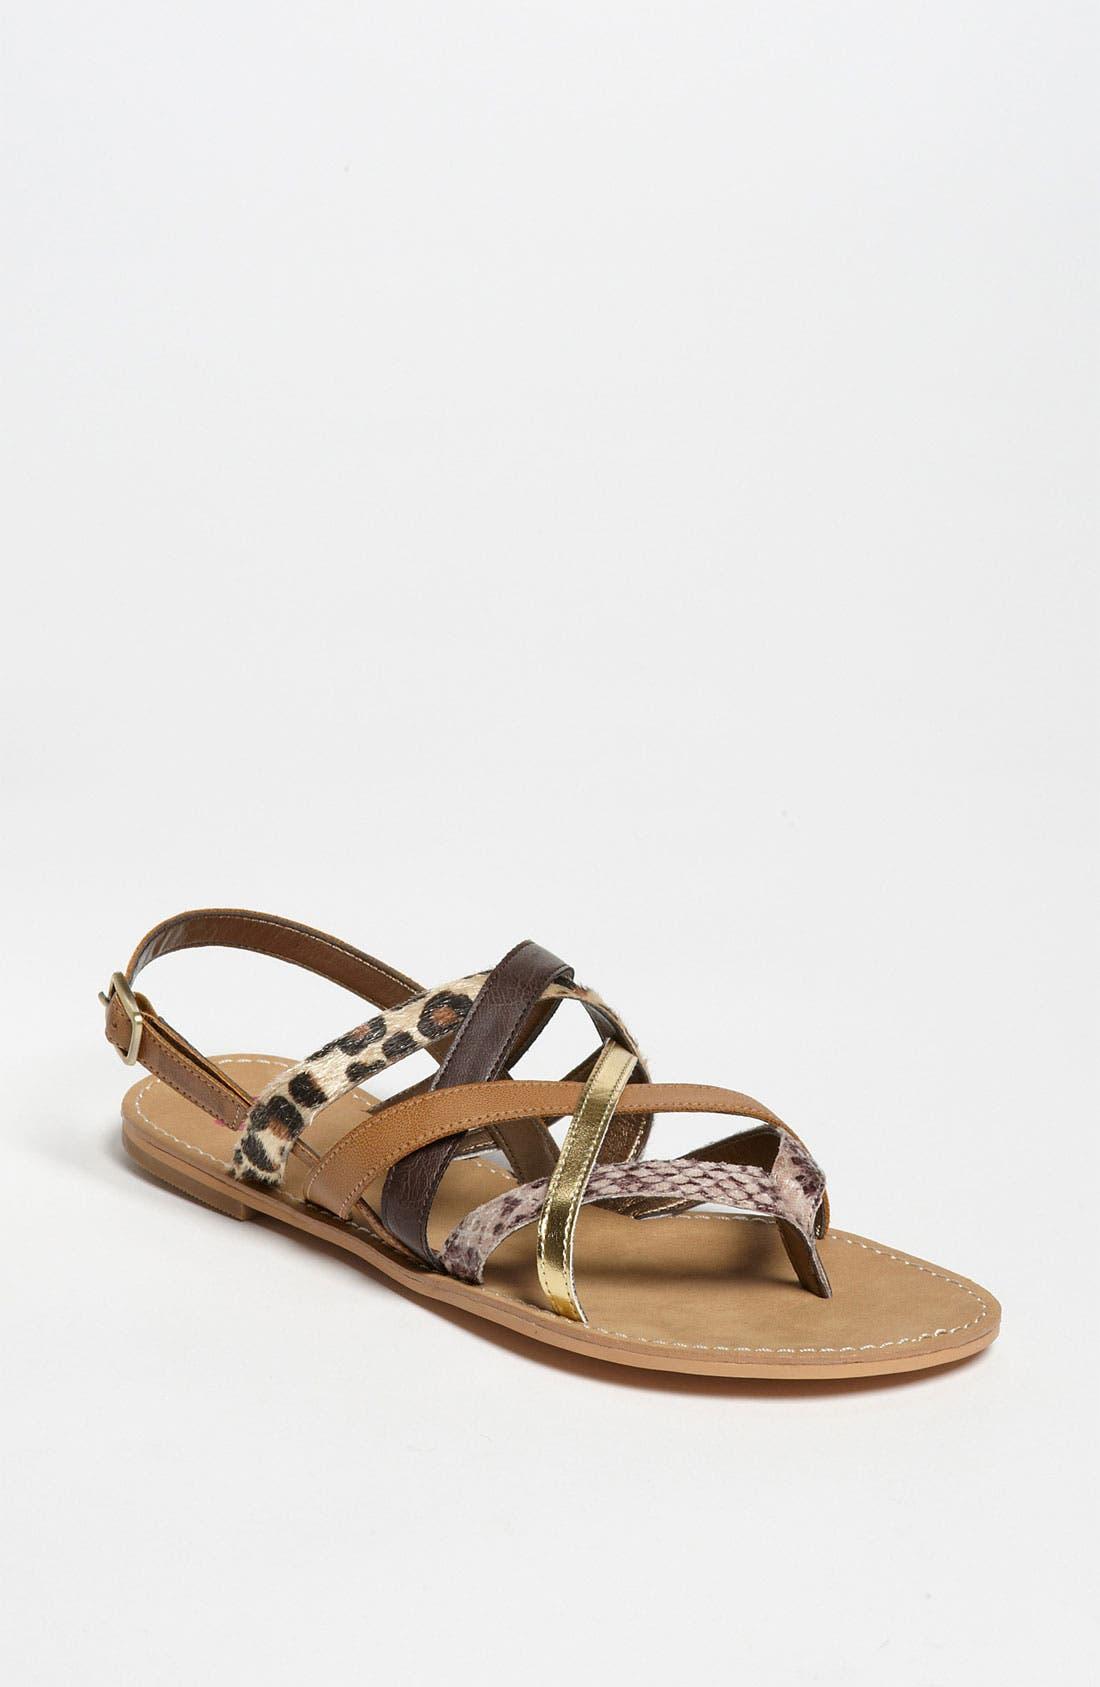 Main Image - BP. 'Tropical' Sandal